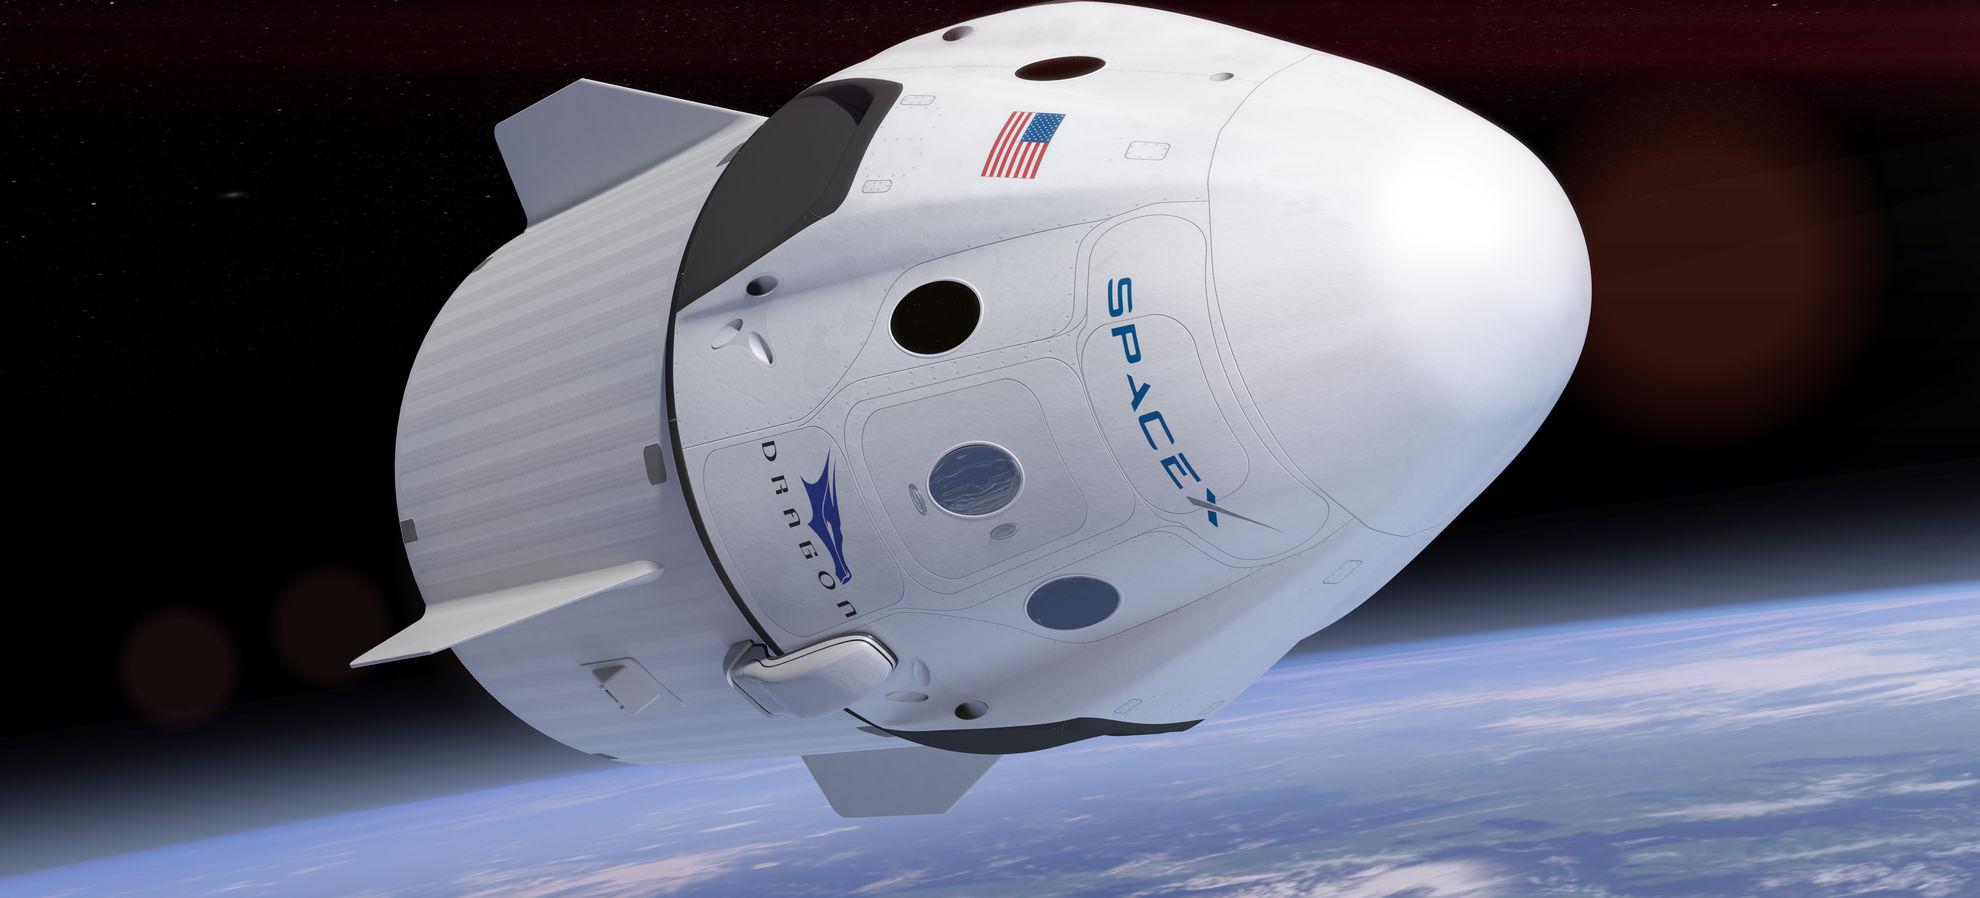 SpaceX i Axiom Space wyślą kosmoturystów na ISS w 2021 roku 22